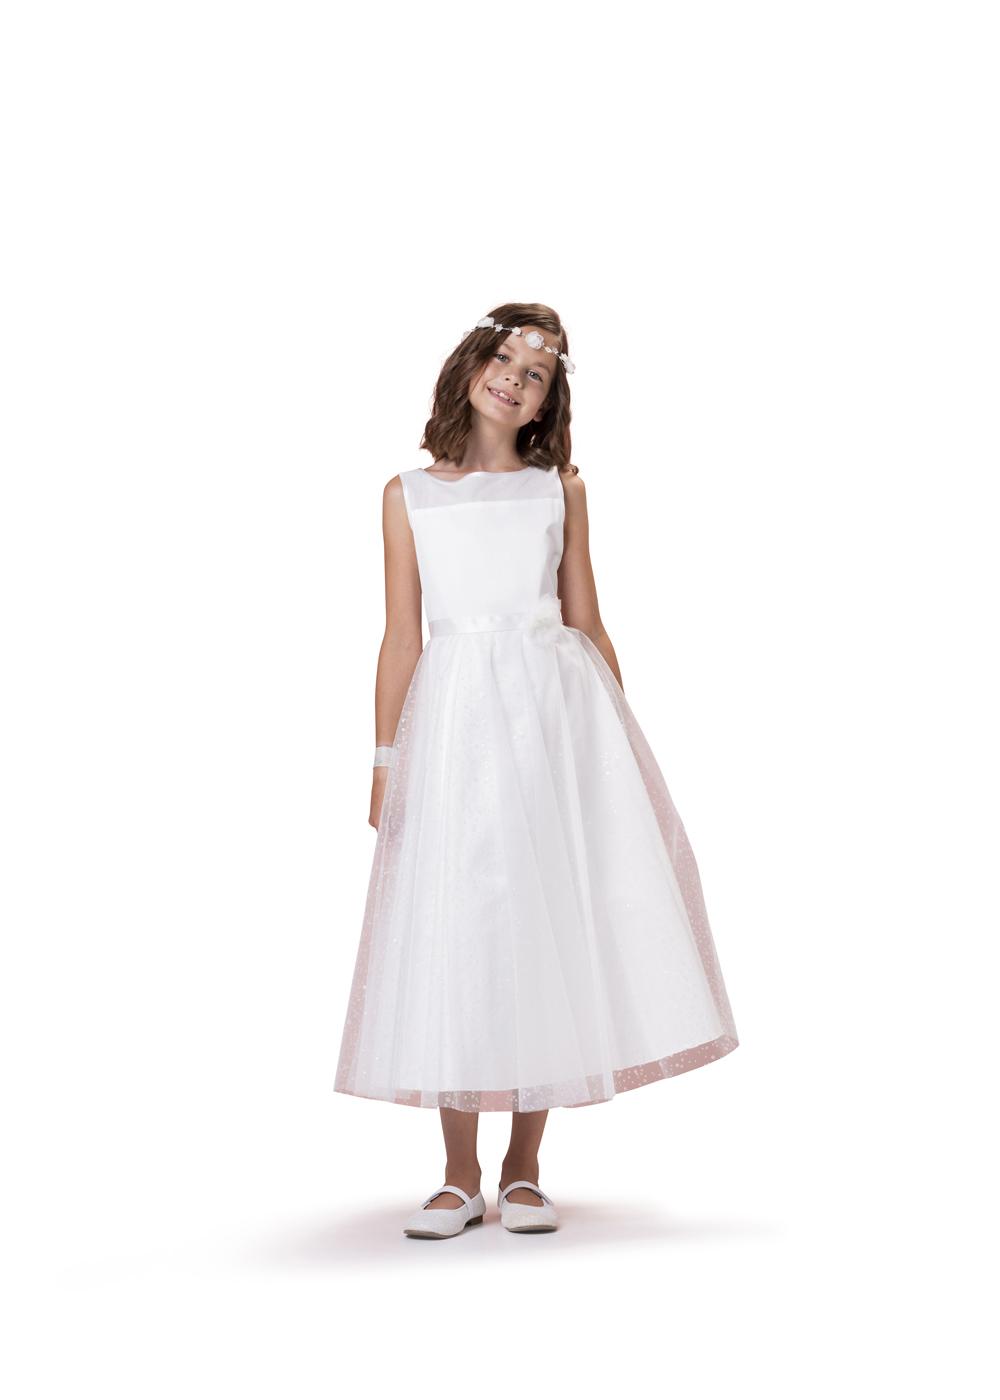 Kommunionkleid von Biancorella - Modell 554910. Modernes Prinzessinnenkleid mit Tüllrock schlichtem Oberteil.